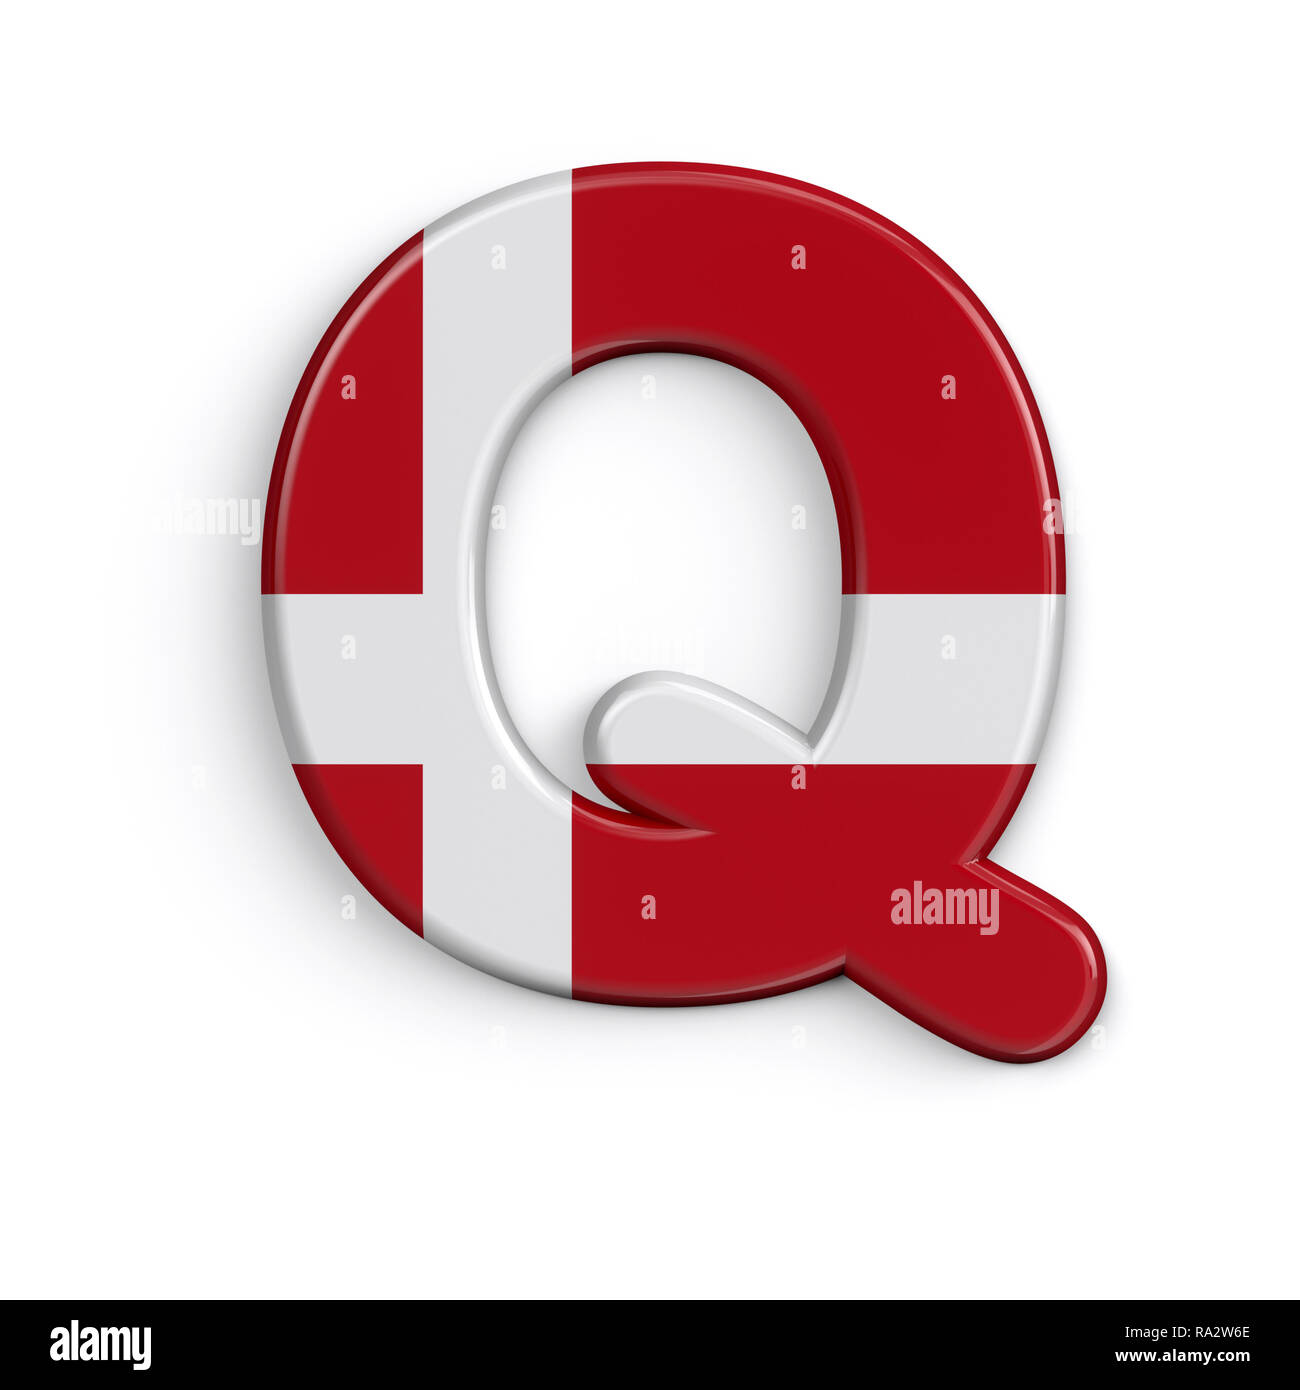 Dinamarca la letra Q - 3d grande bandera danesa font aislado sobre fondo blanco. Este alfabeto es perfecto para creativos ilustraciones relacionadas pero no limitado Foto de stock